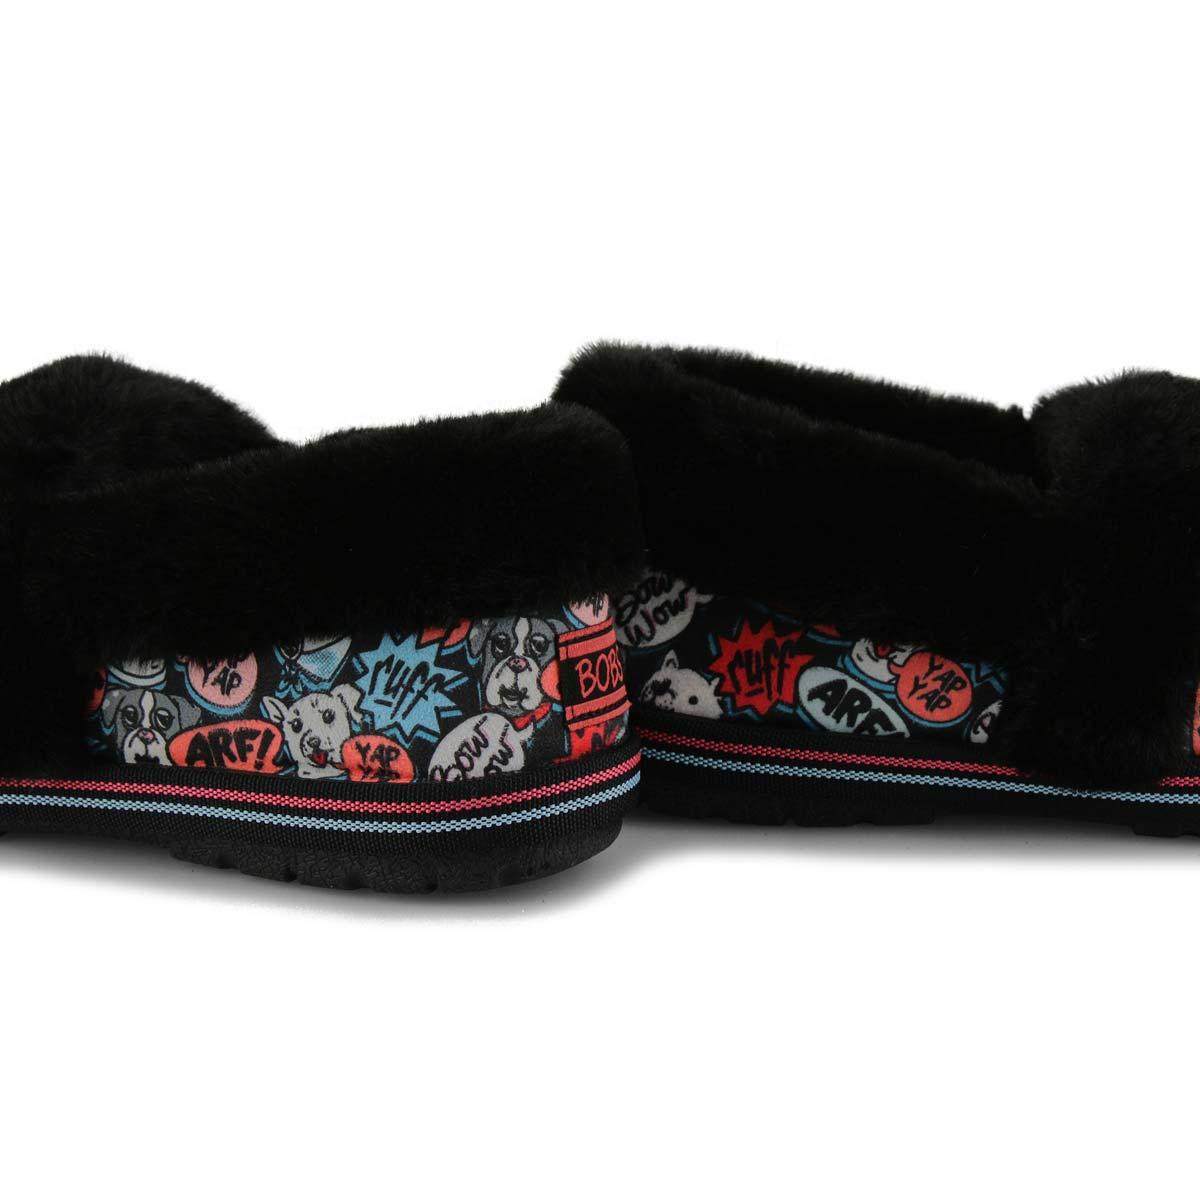 Pantoufles BOBS TOO COZY, imprimé/multi, femmes